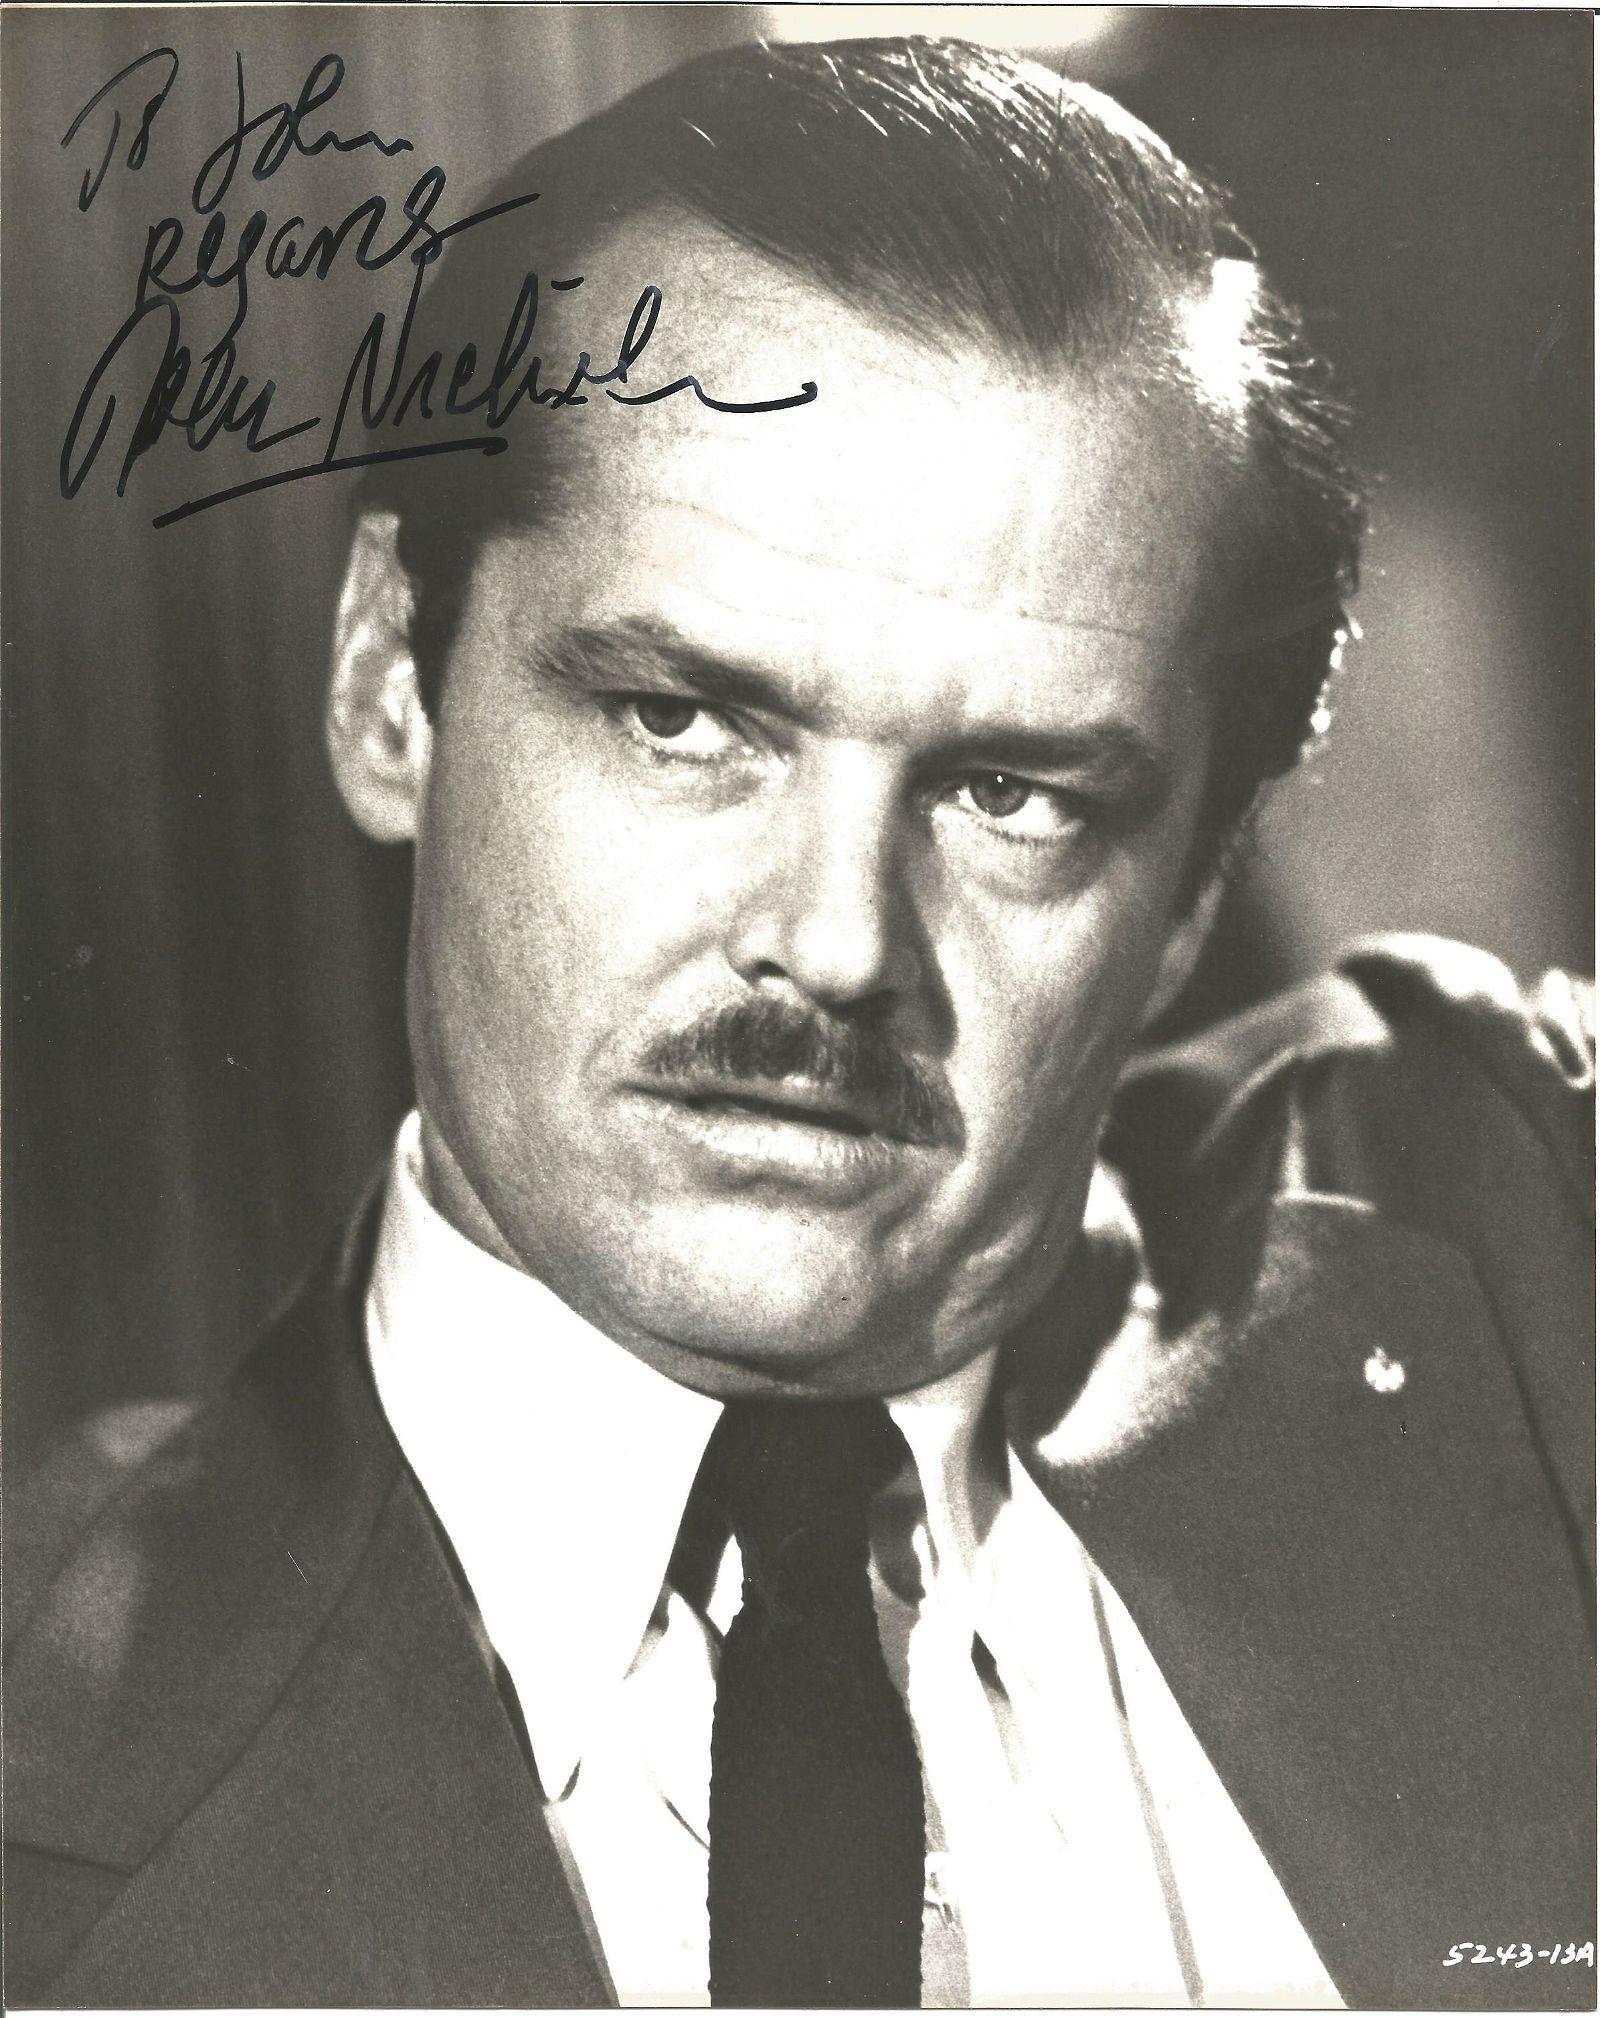 Jack Nicholson signed 10x8 black and white photo